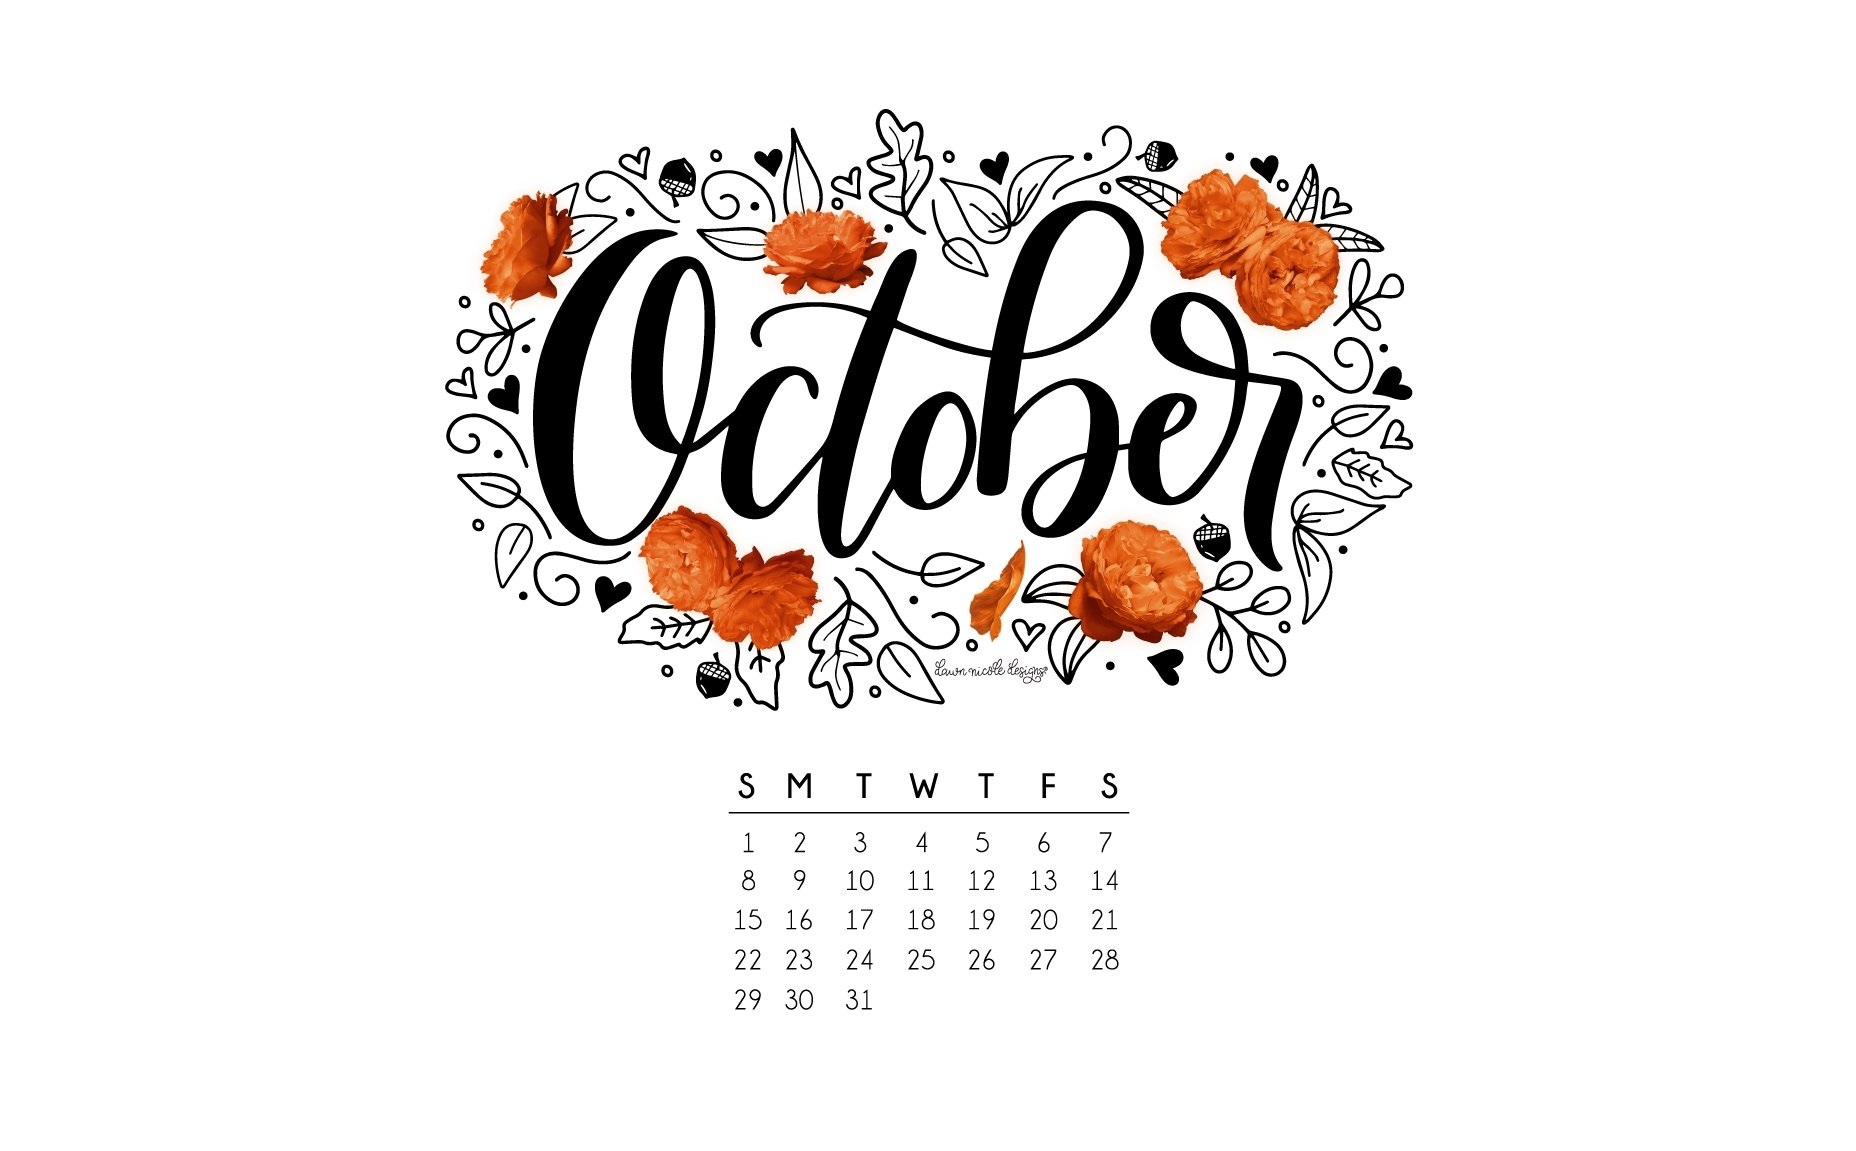 Открытки, картинка с надписью календарь